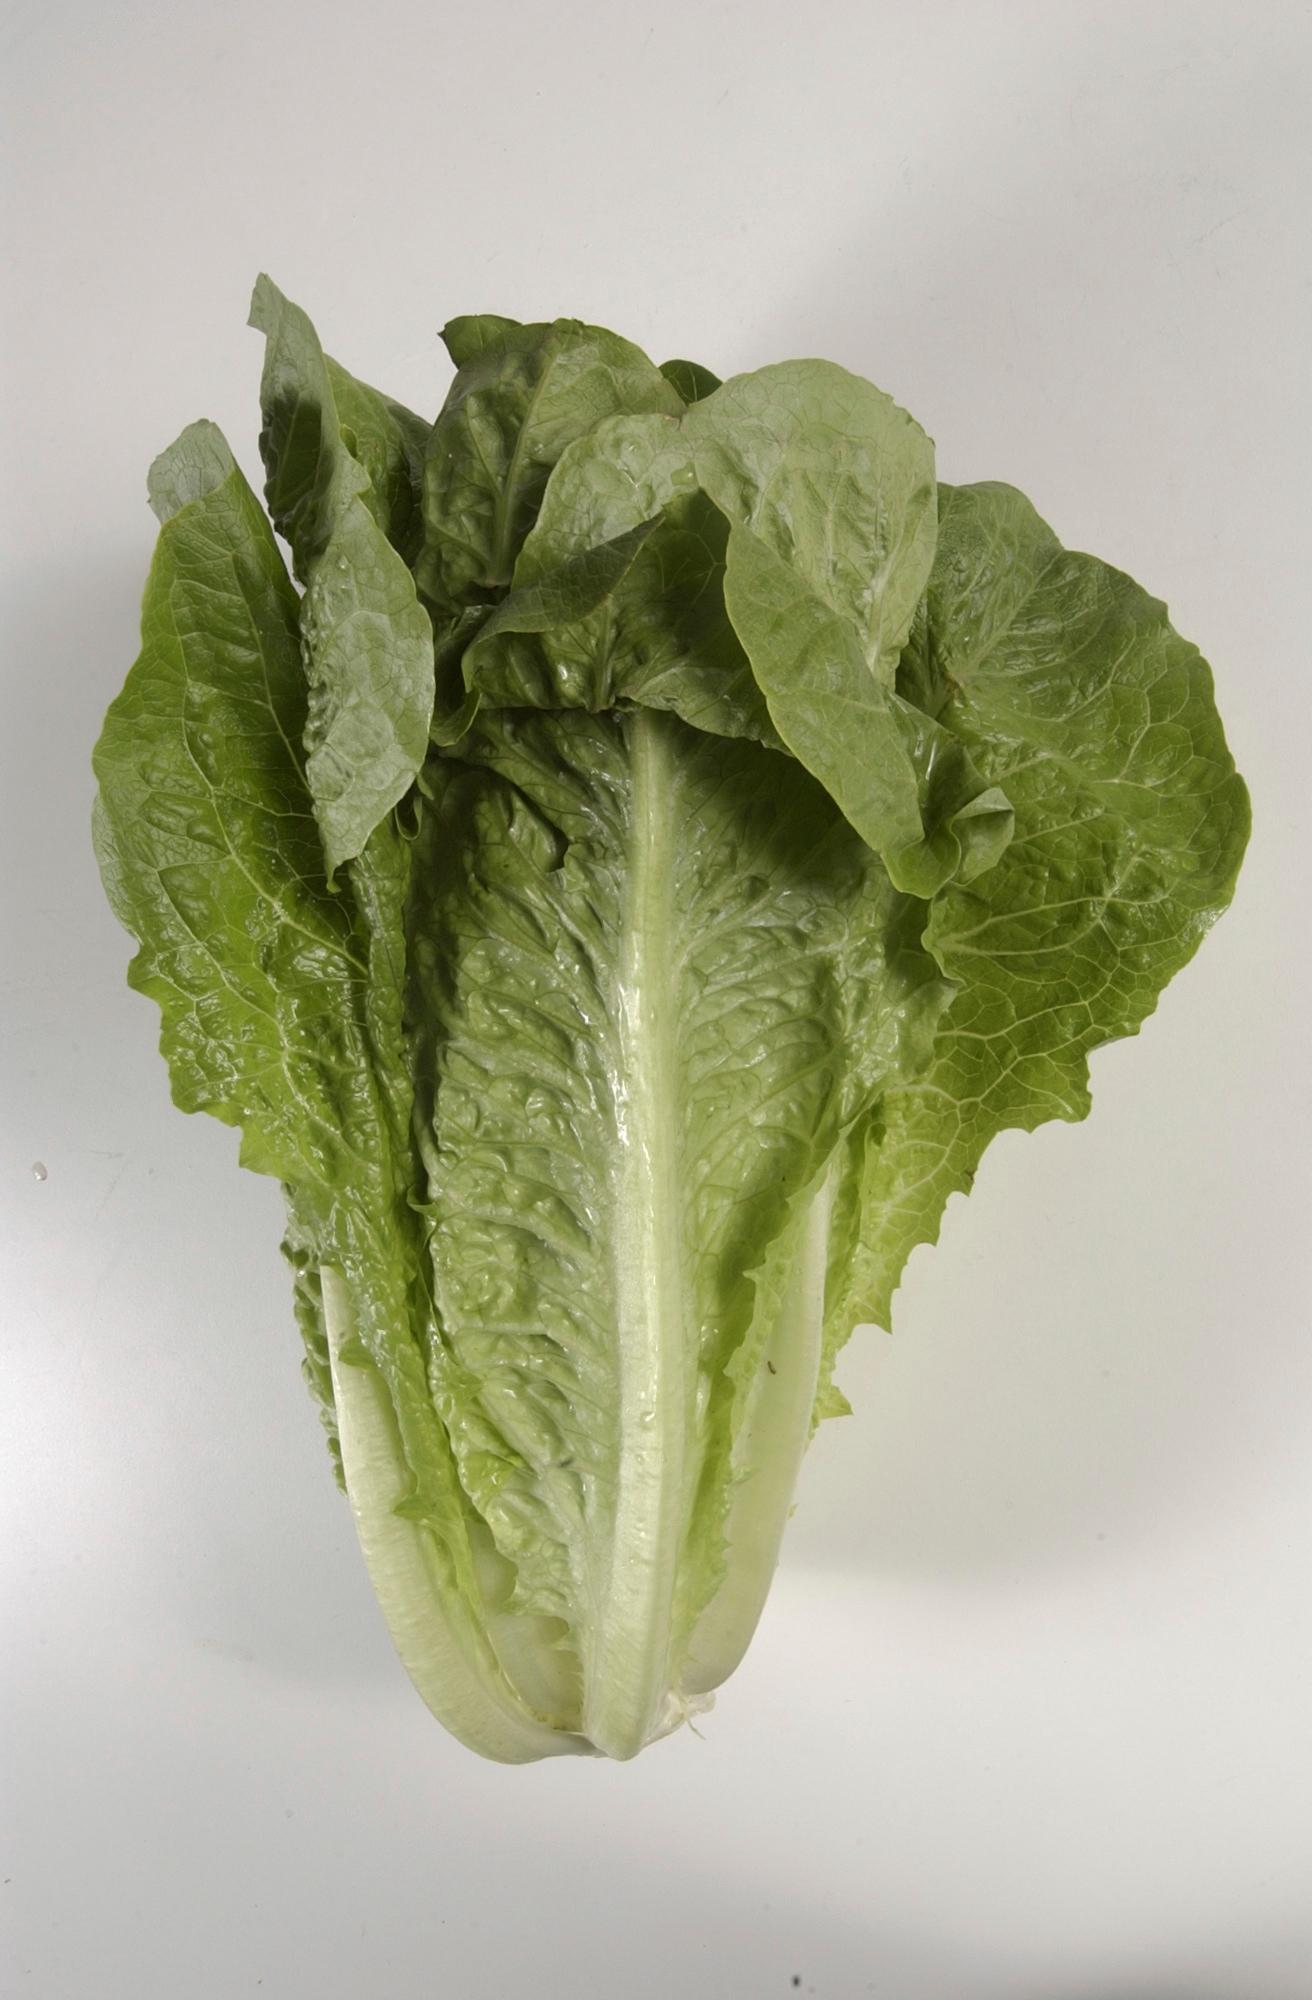 Lettuce_Outbreak_75115-159532.jpg95146002